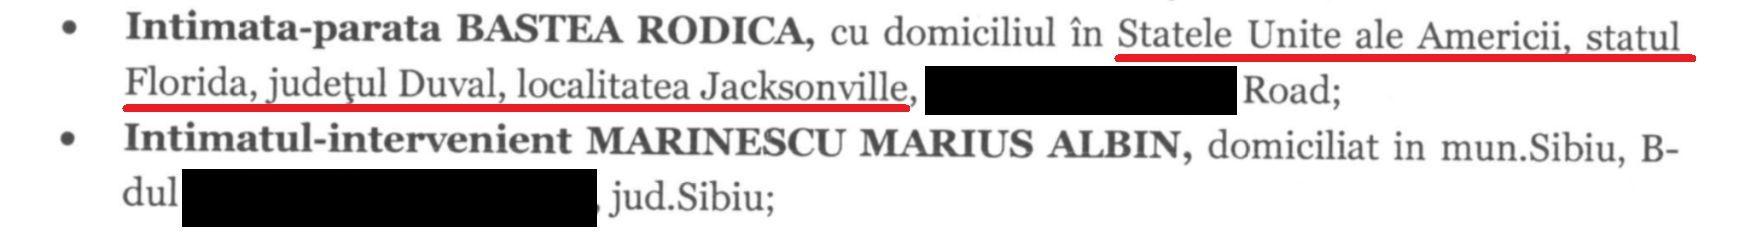 Avocații de la Mușat și Asociații au scris în adresa din America a Rodicăi Baștea în acțiunea depusă la Curtea de Apel Brașov, obligând instanța să poarte o corespondență imposibilă.